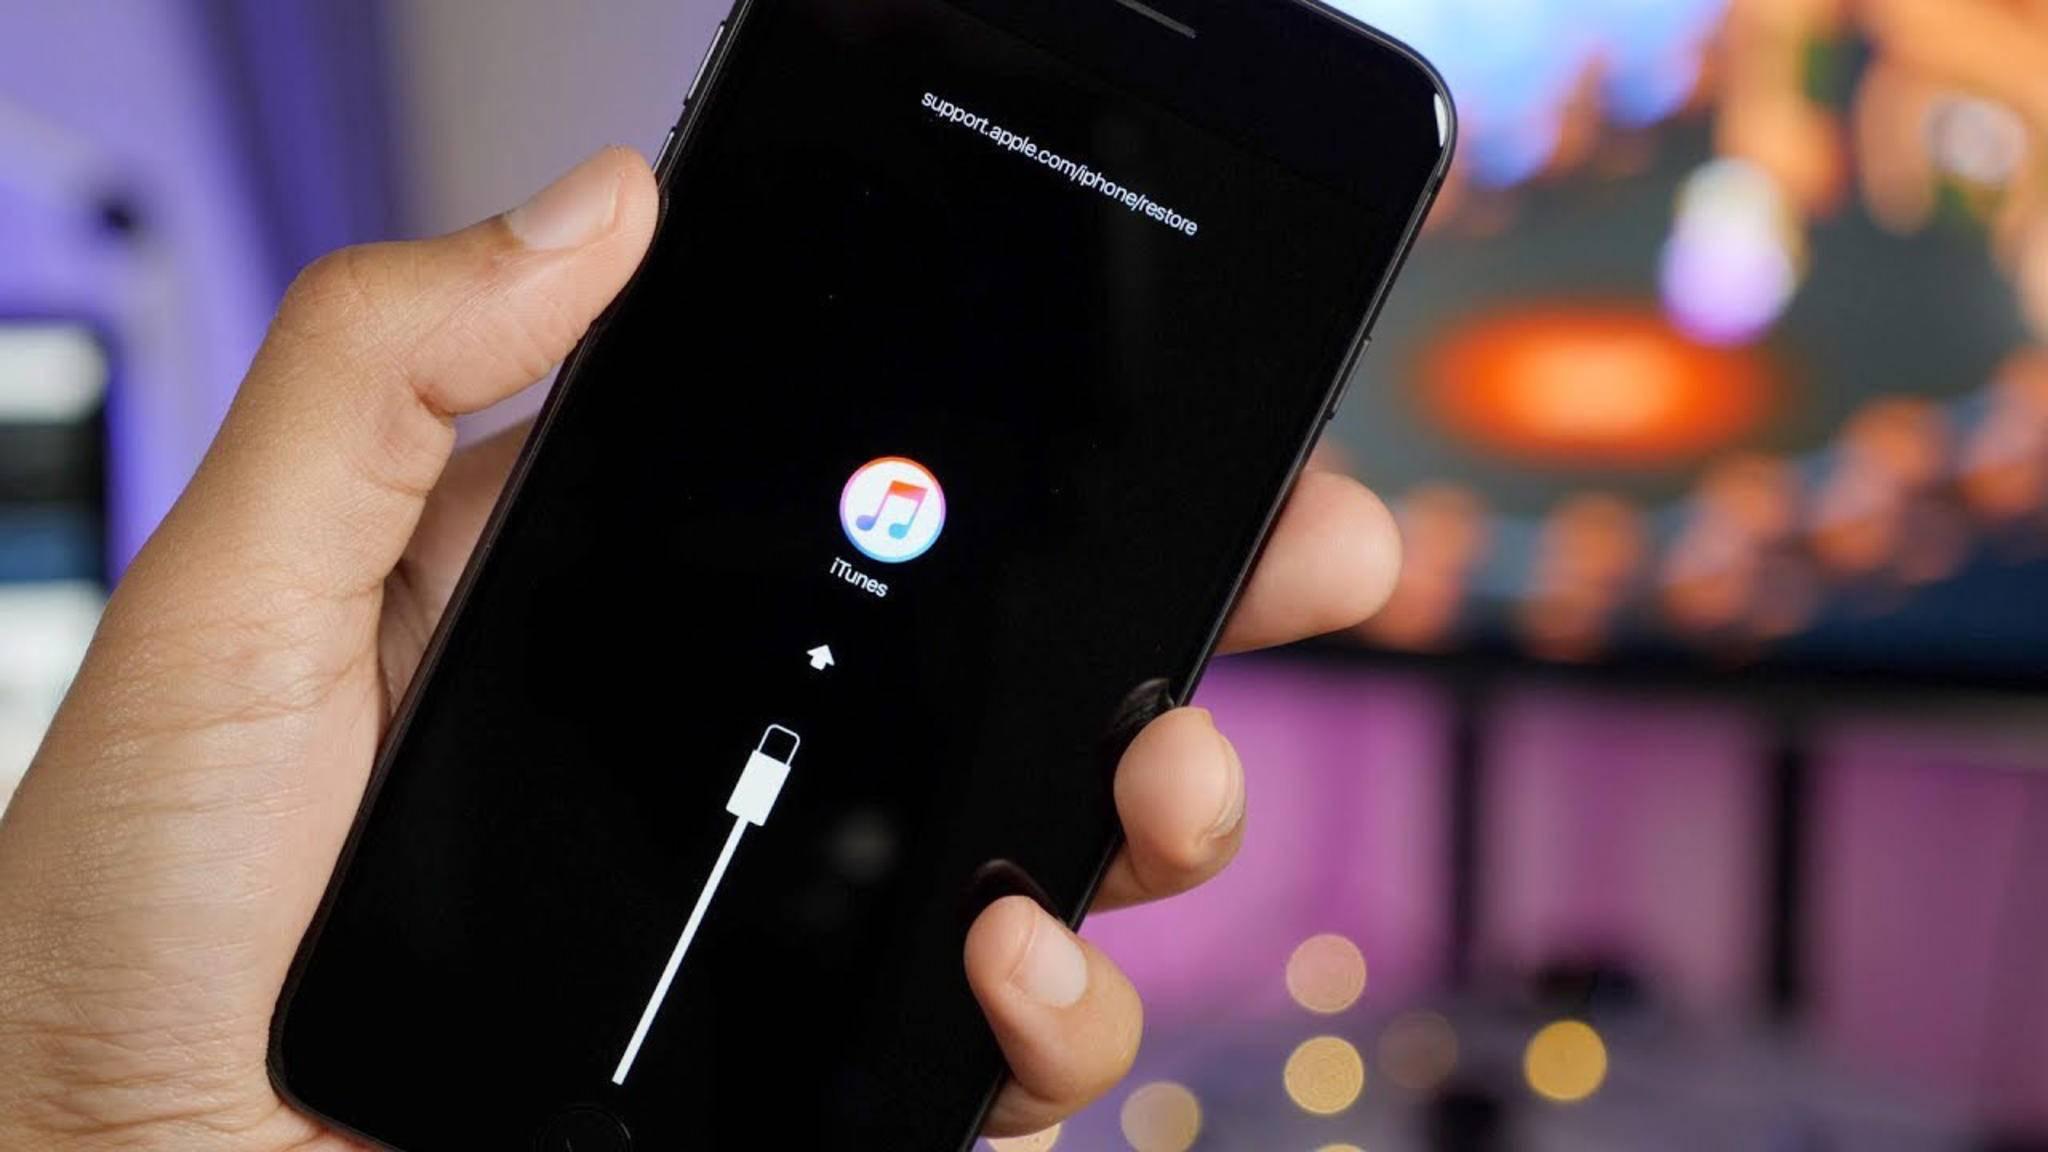 Ist das iPhone deaktiviert, hilft mitunter nur noch der DFU-Modus.